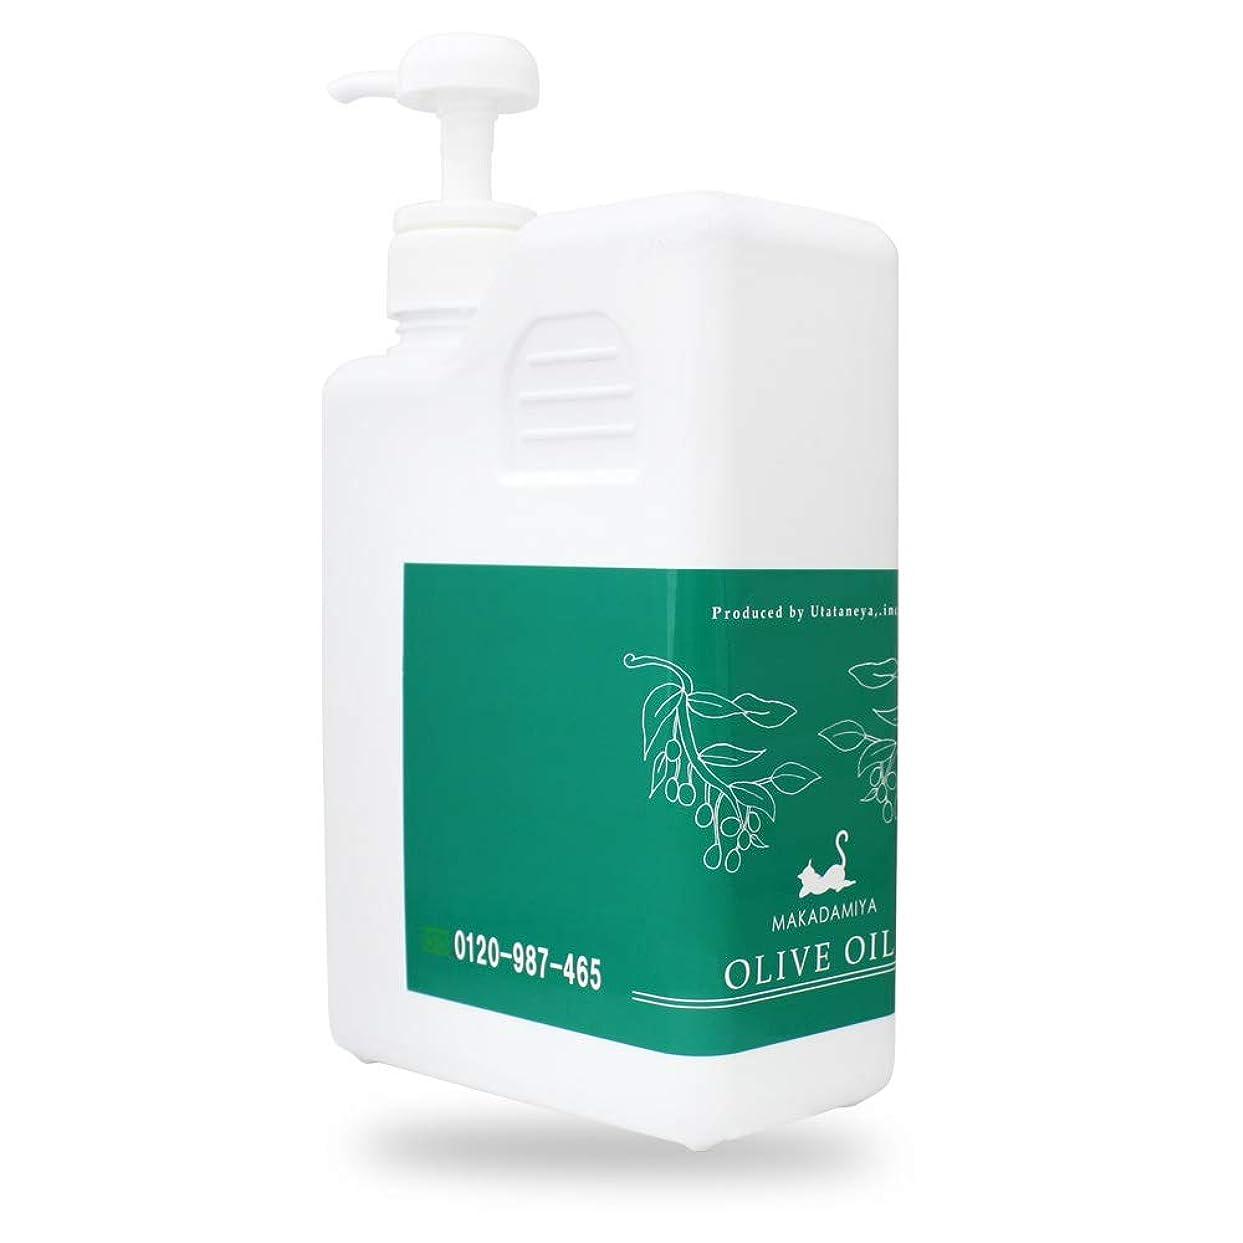 ウミウシネット絞るオリーブオイル1000ml (ボトル?ポンプ付) 天然100%無添加 マカダミ屋